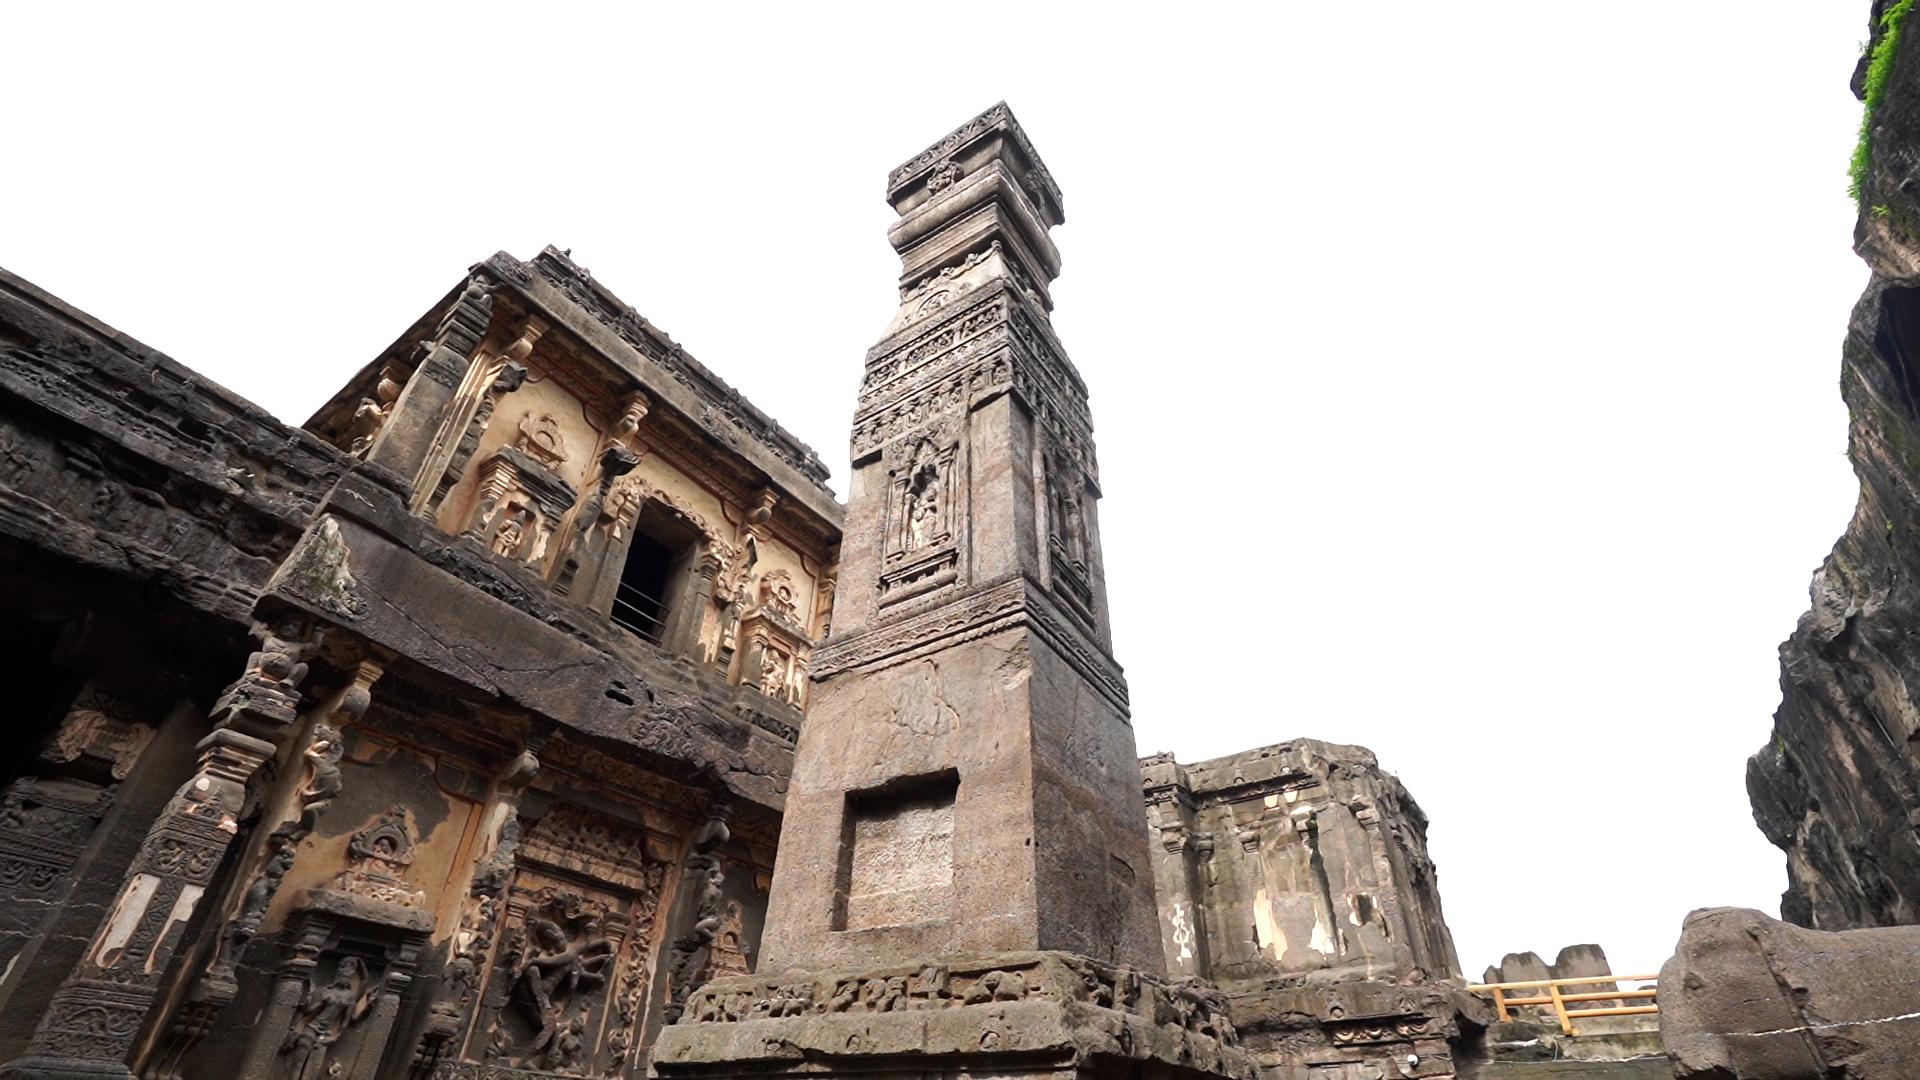 एलोरा गुफाएँ: प्राचीन भारत का एक महत्वपूर्ण अध्याय